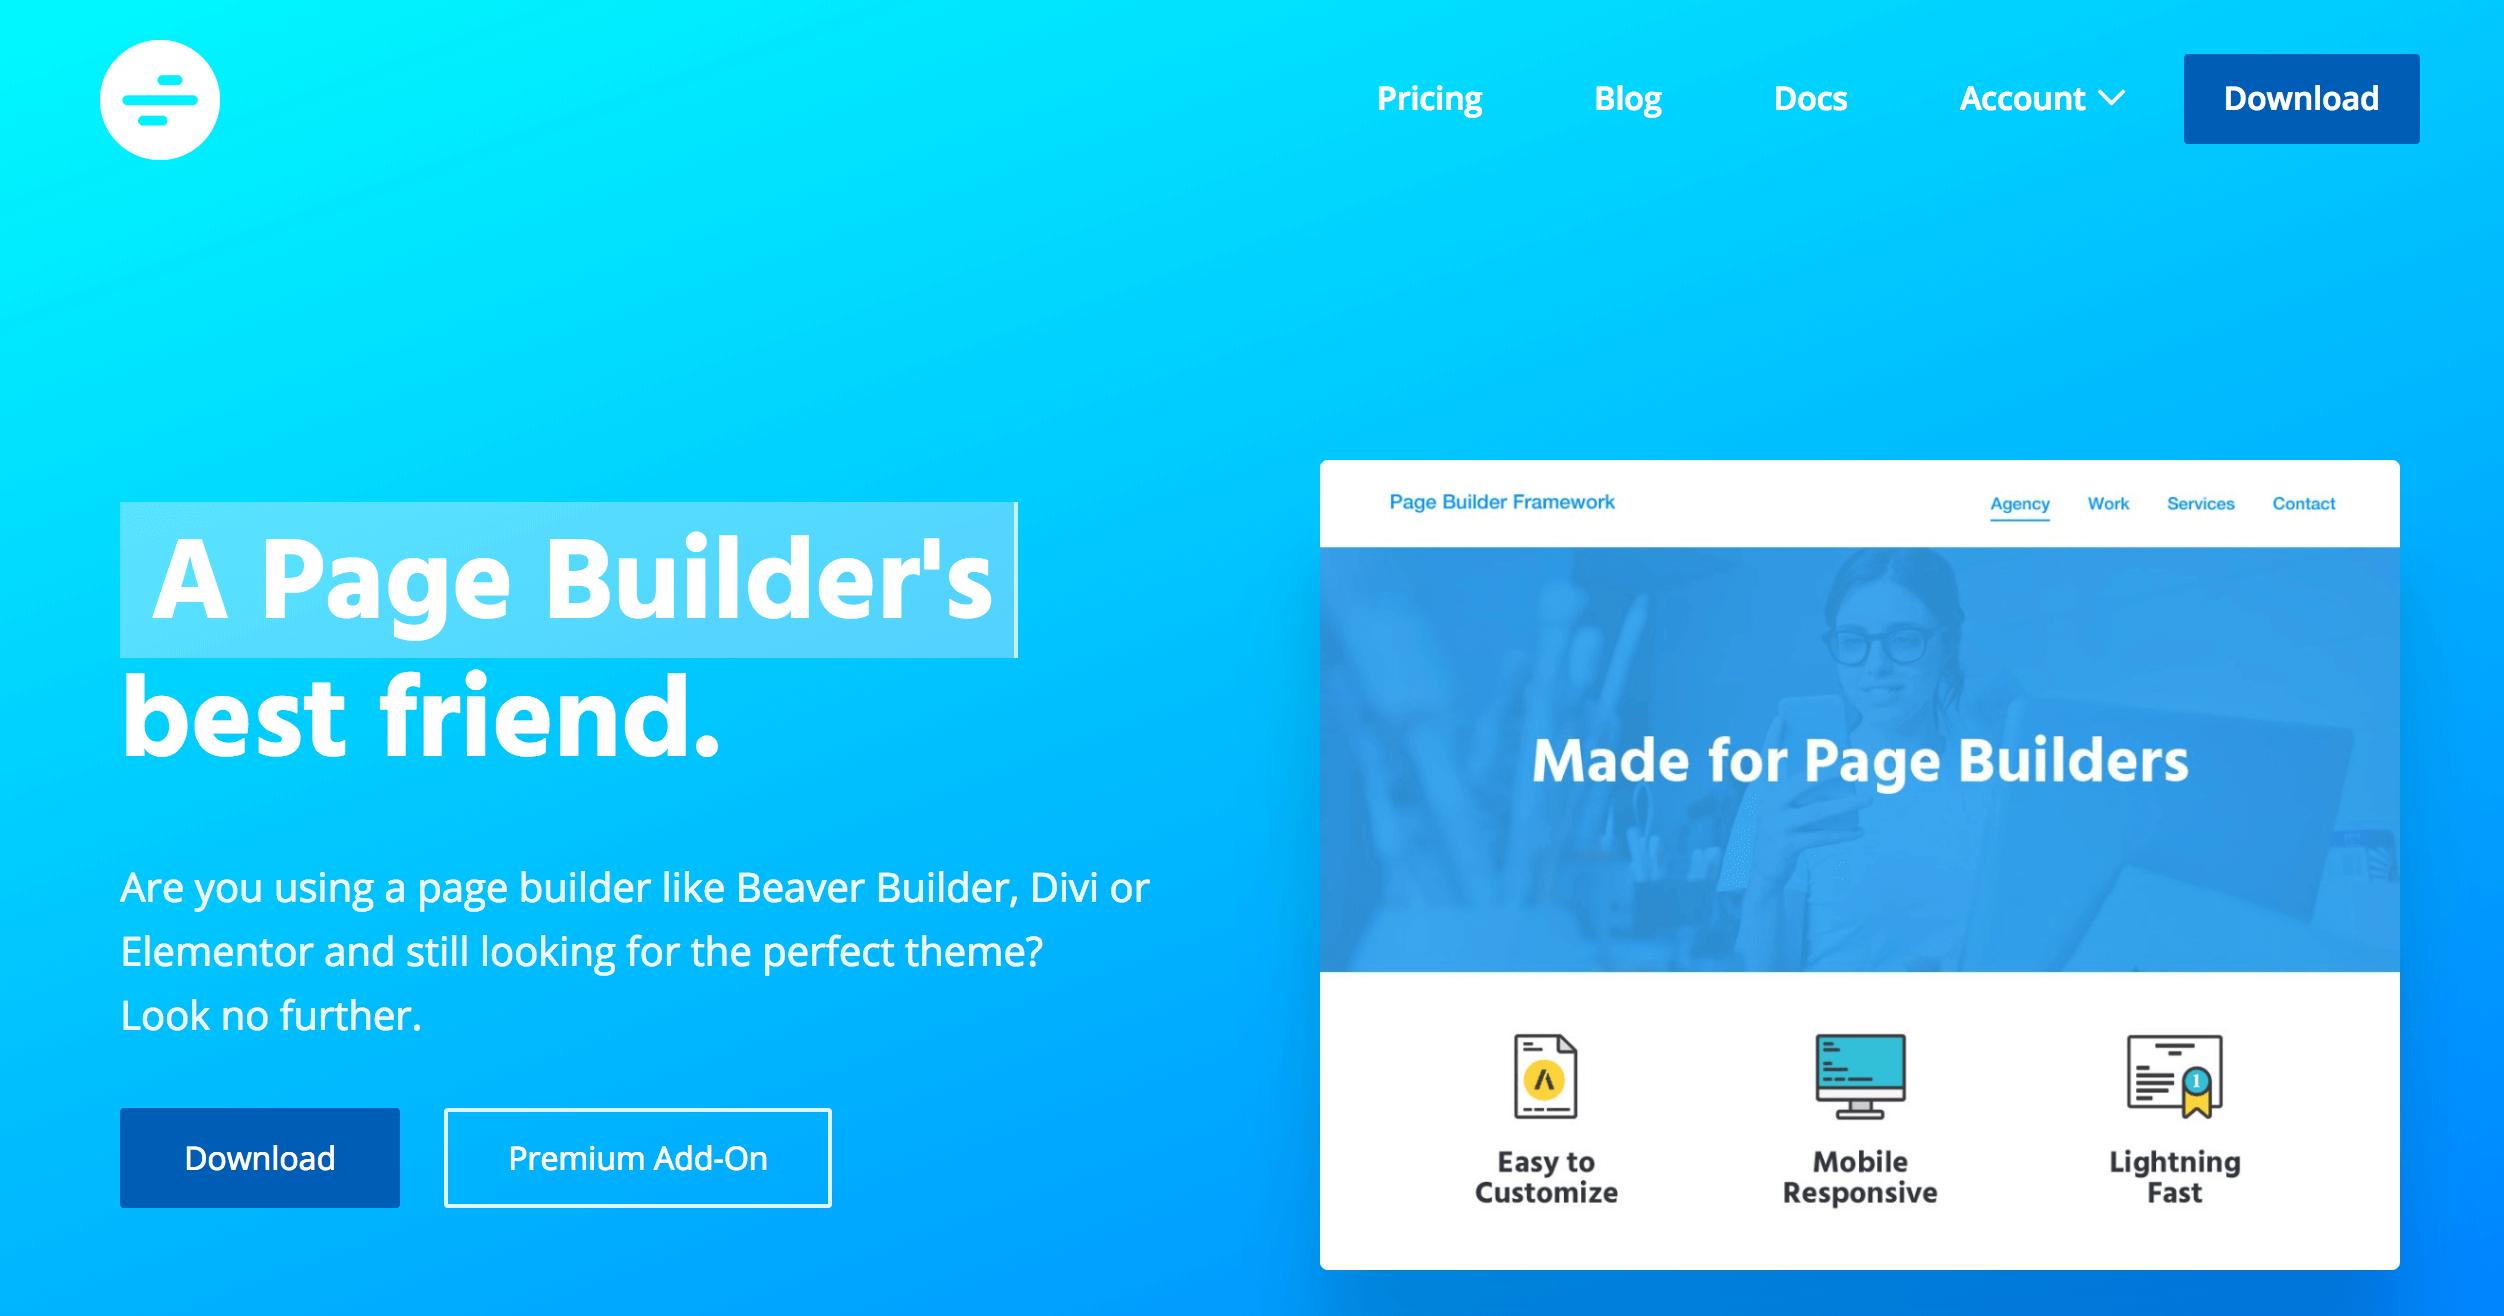 page-builder-framework